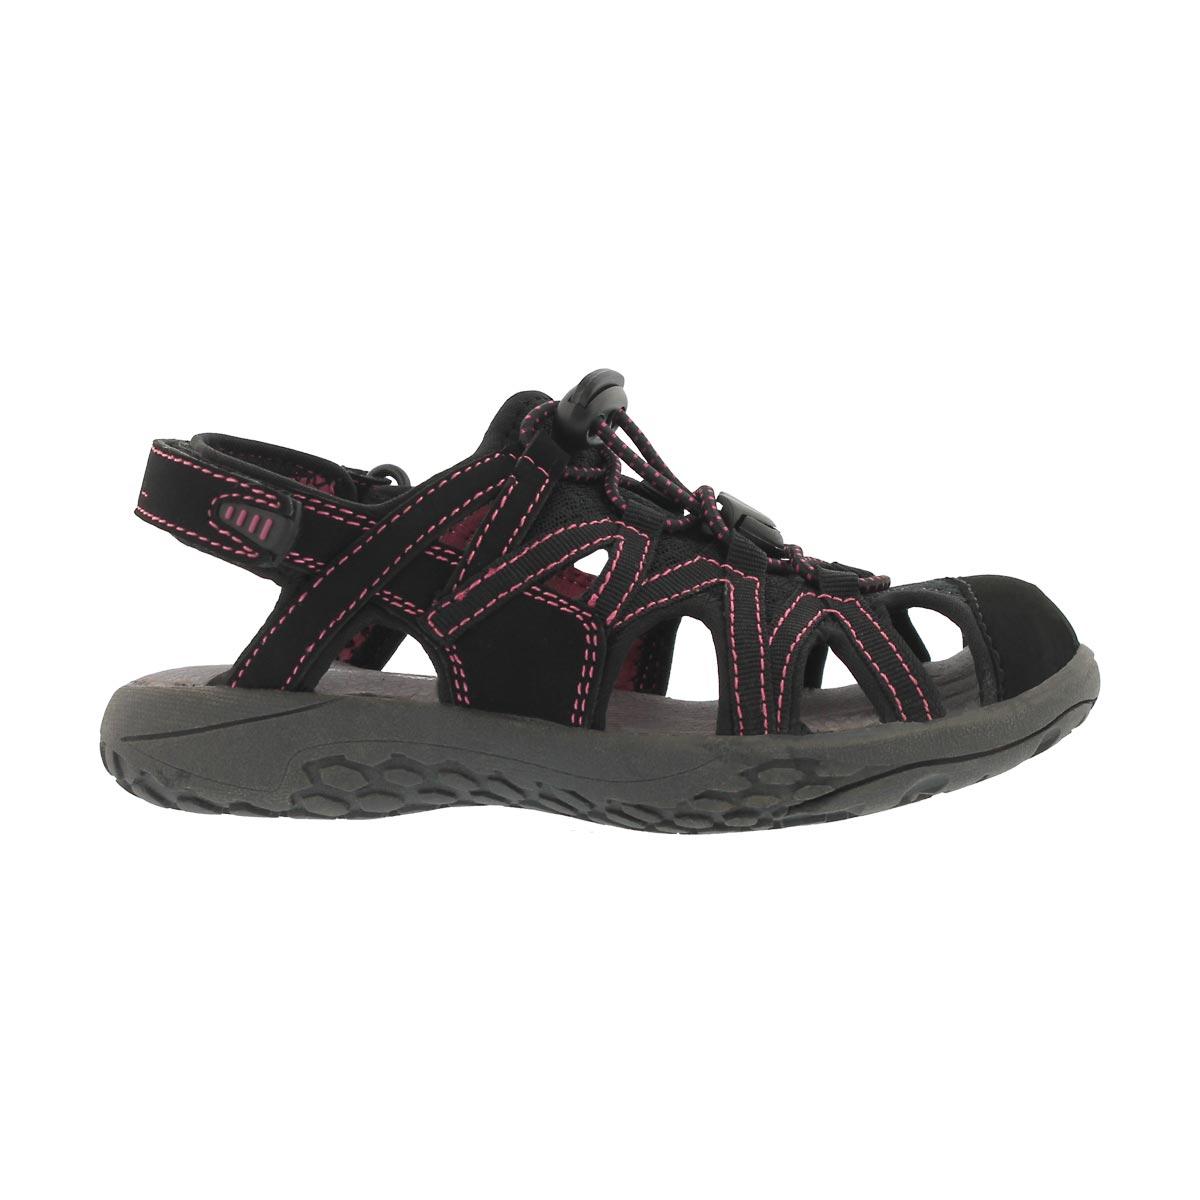 Grls Colette Jr blk fisherman sandal